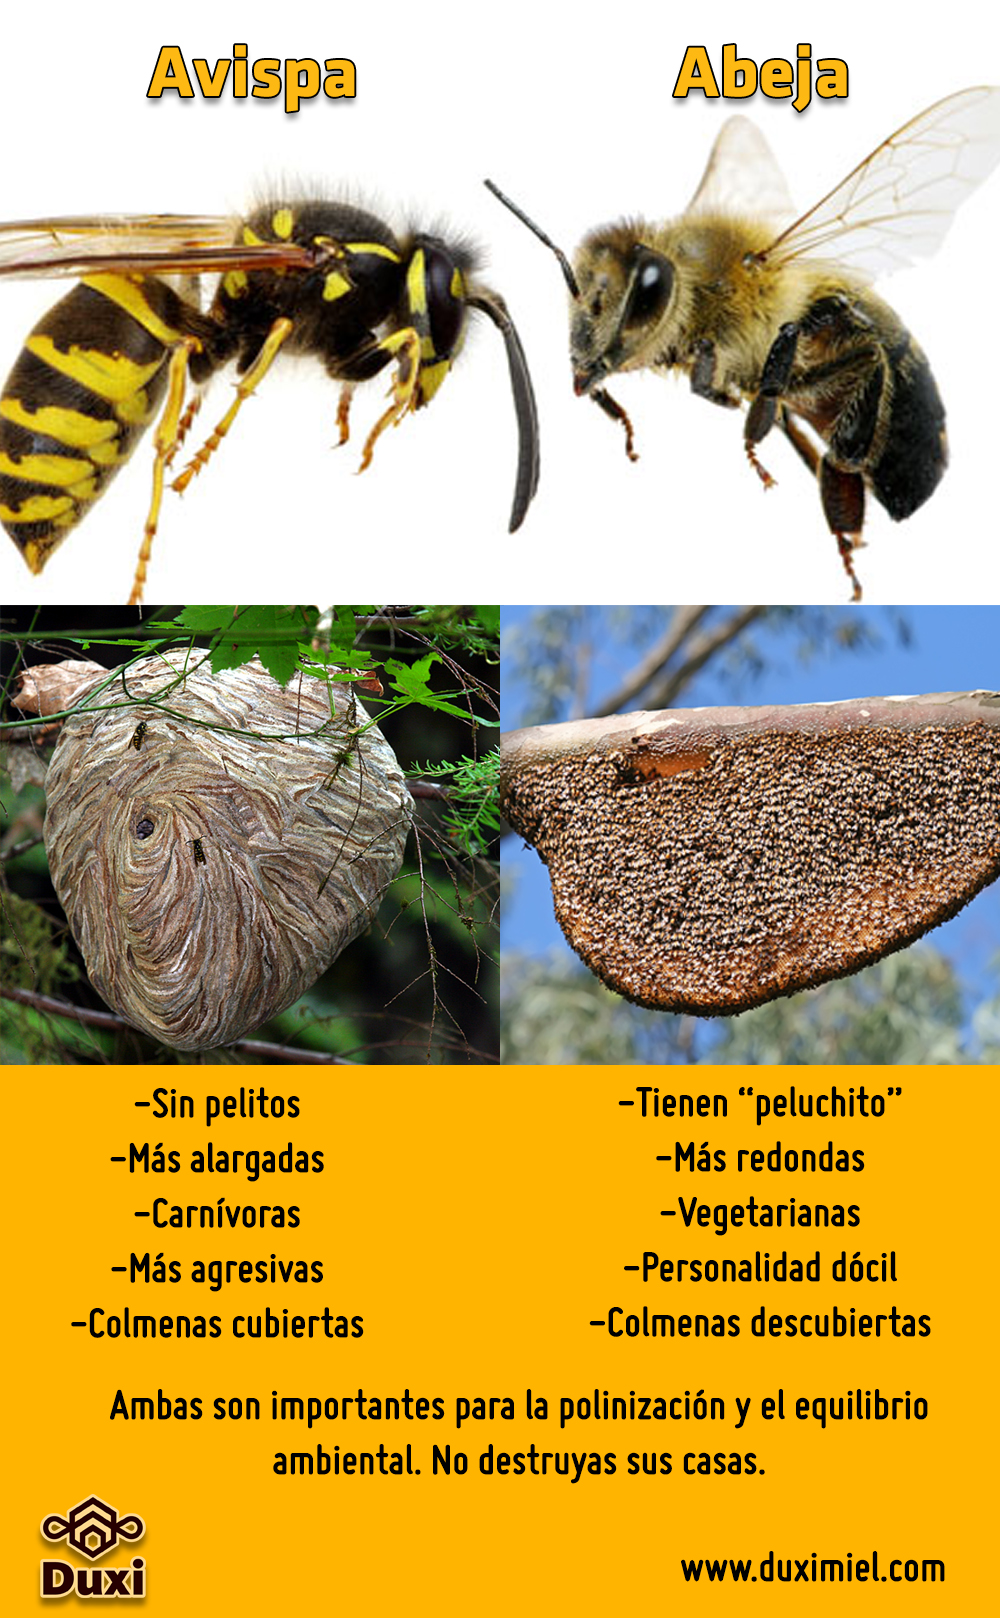 Puedes distinguir entre abejas y avispas por las características de sus cuerpos y sus nidos.